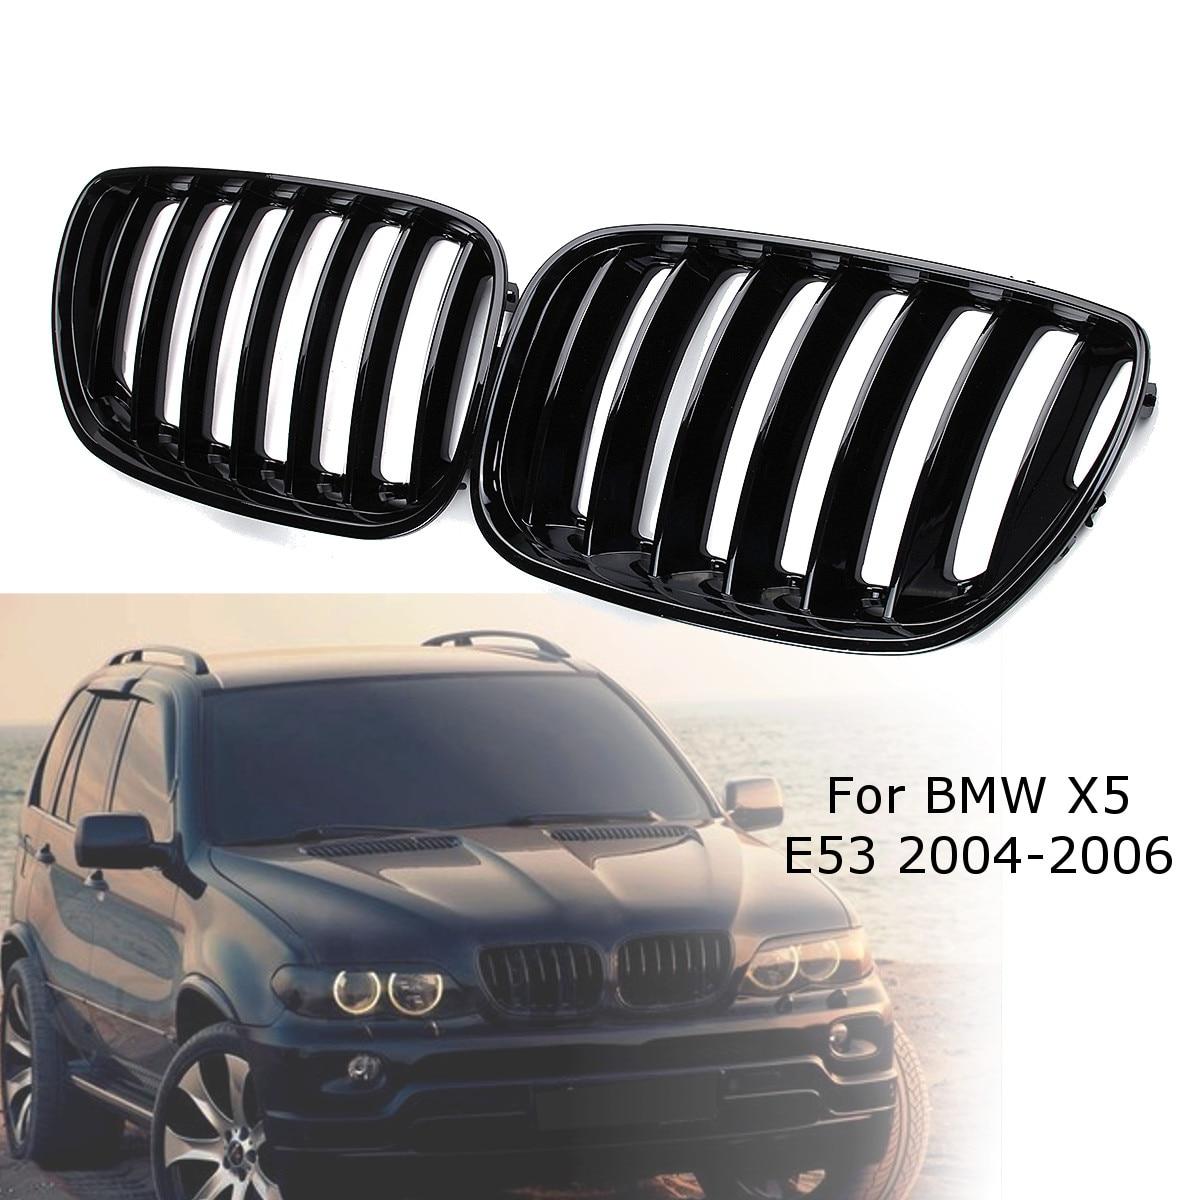 2Pcs גלוס שחור רכב כליות מול סורגי ימין ושמאל עבור BMW X5 E53 2004 2005 2006 ABS 51137124815 51137124816